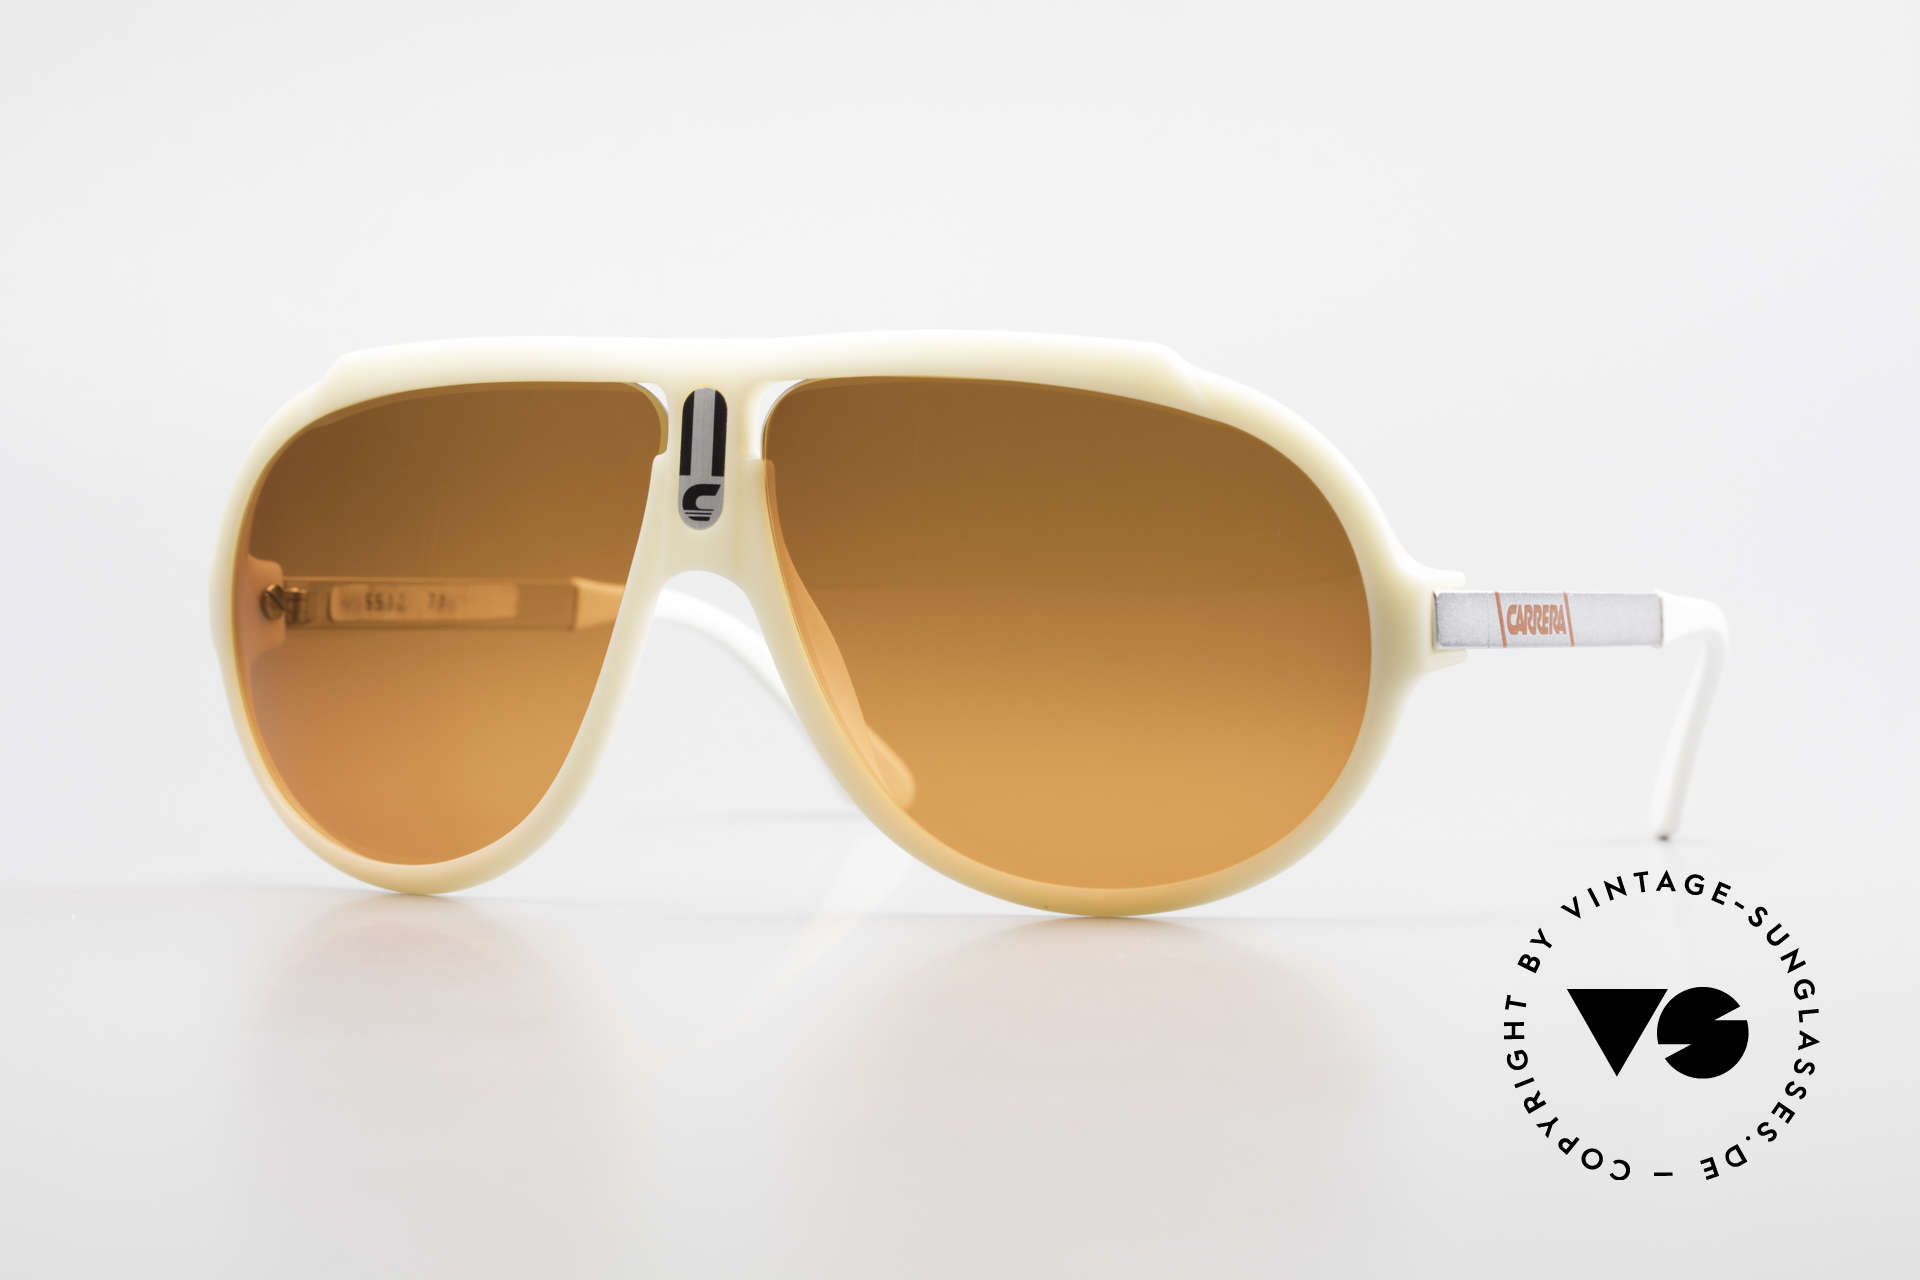 Carrera 5512 Miami Vice Sunset Sonnenbrille, legendäre Carrera vintage Sonnenbrille in Top-Qualität, Passend für Herren